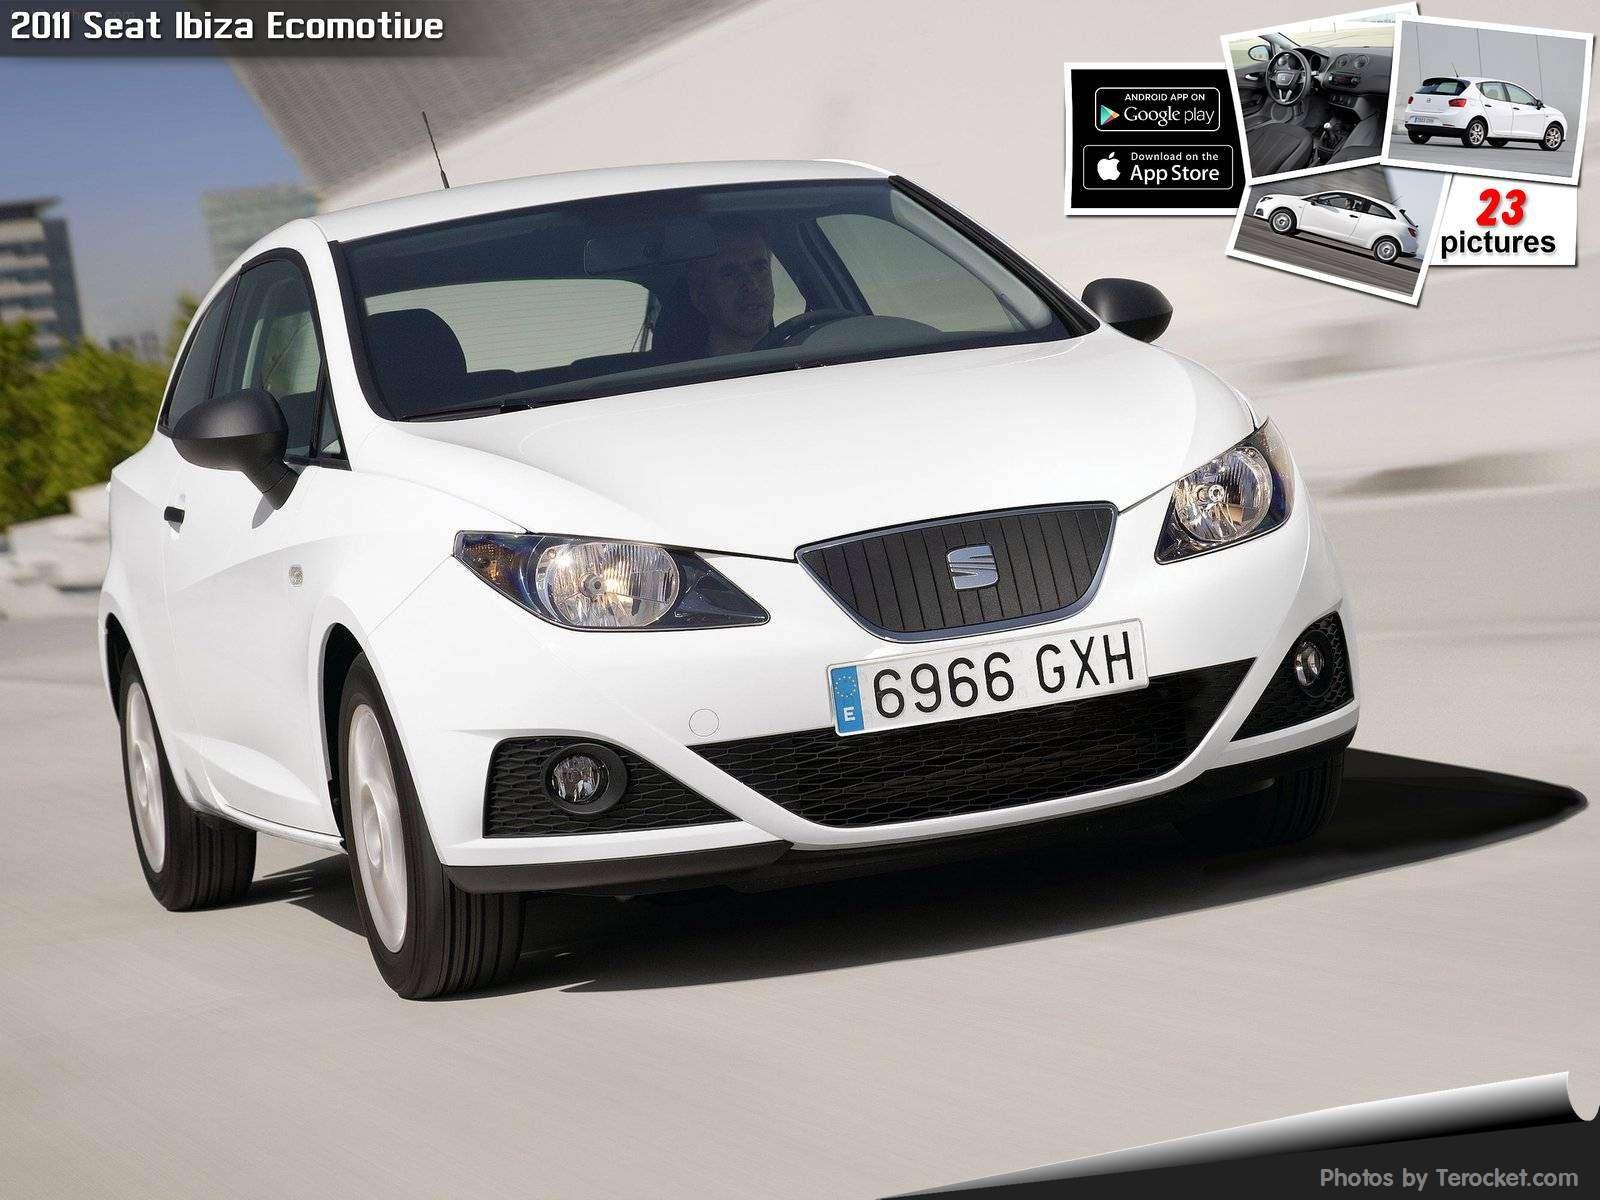 Hình ảnh xe ô tô Seat Ibiza Ecomotive 2011 & nội ngoại thất